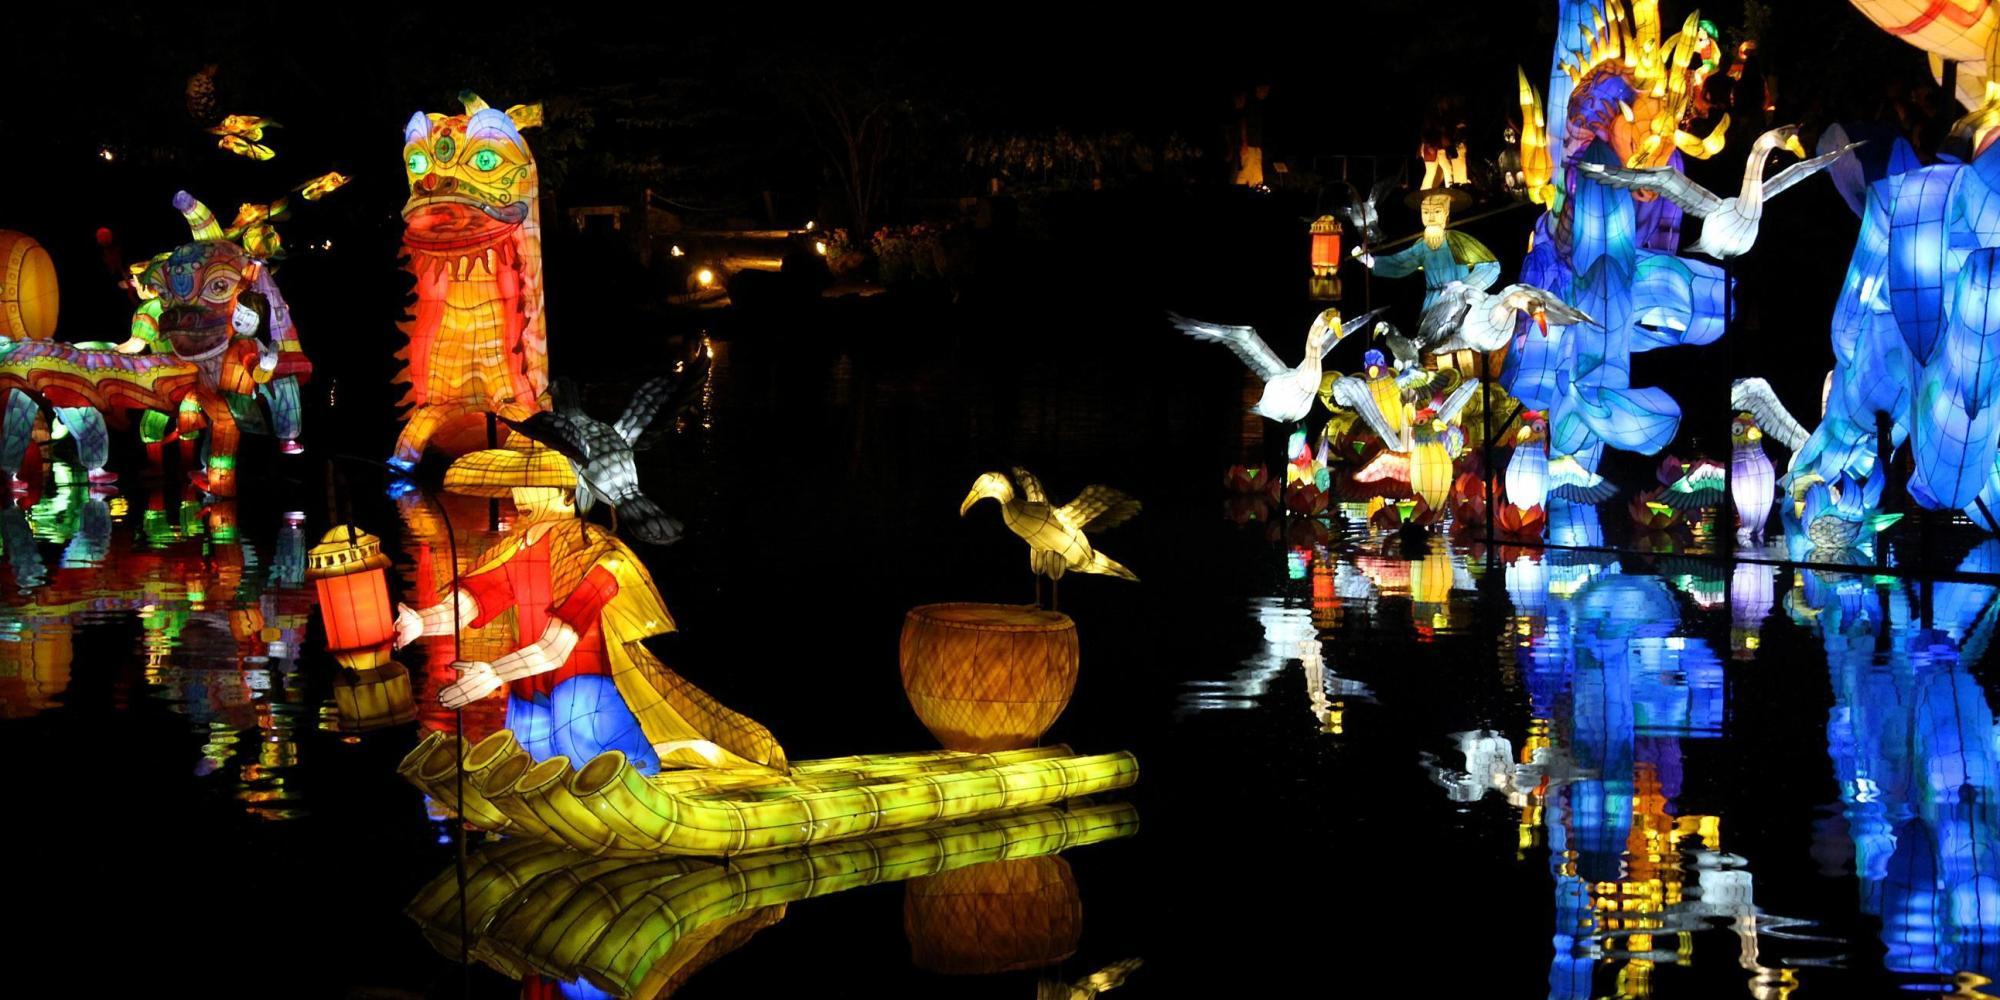 Le retour des soir es jardins de lumi re au jardin for Jardin botanique rabais 2015